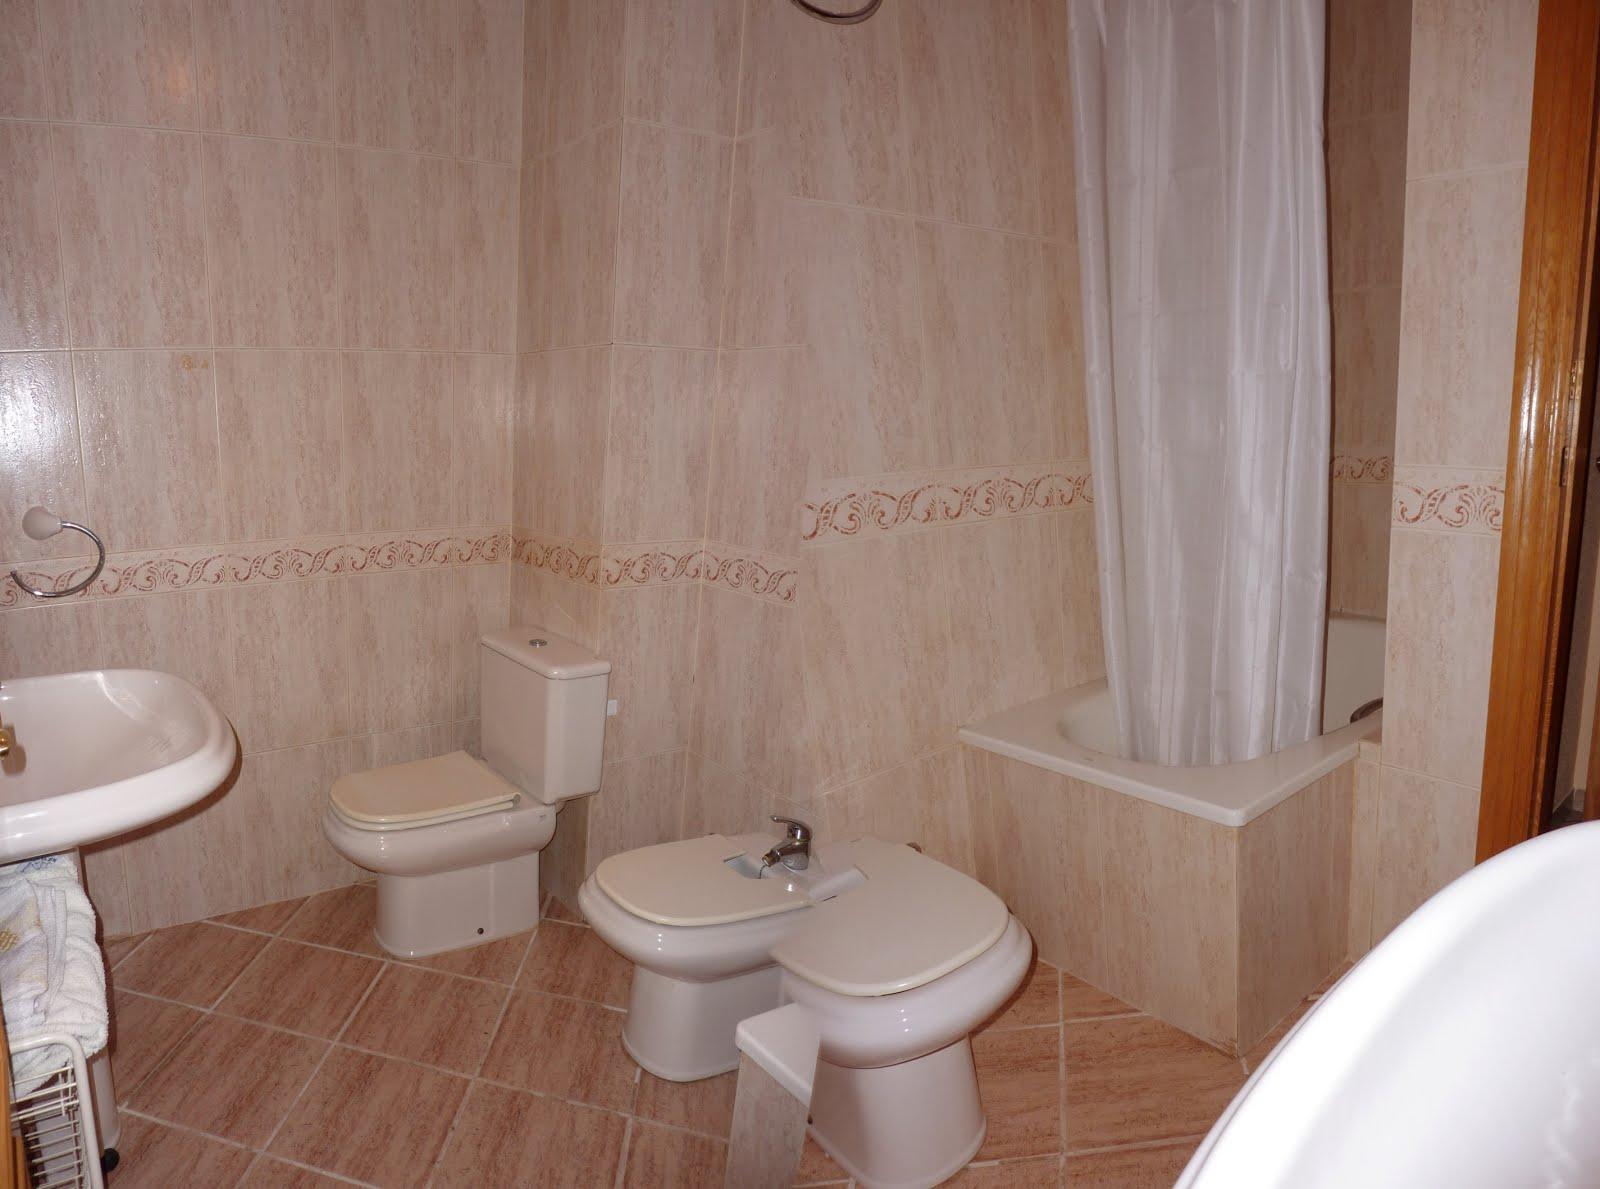 baño estándar B Y C